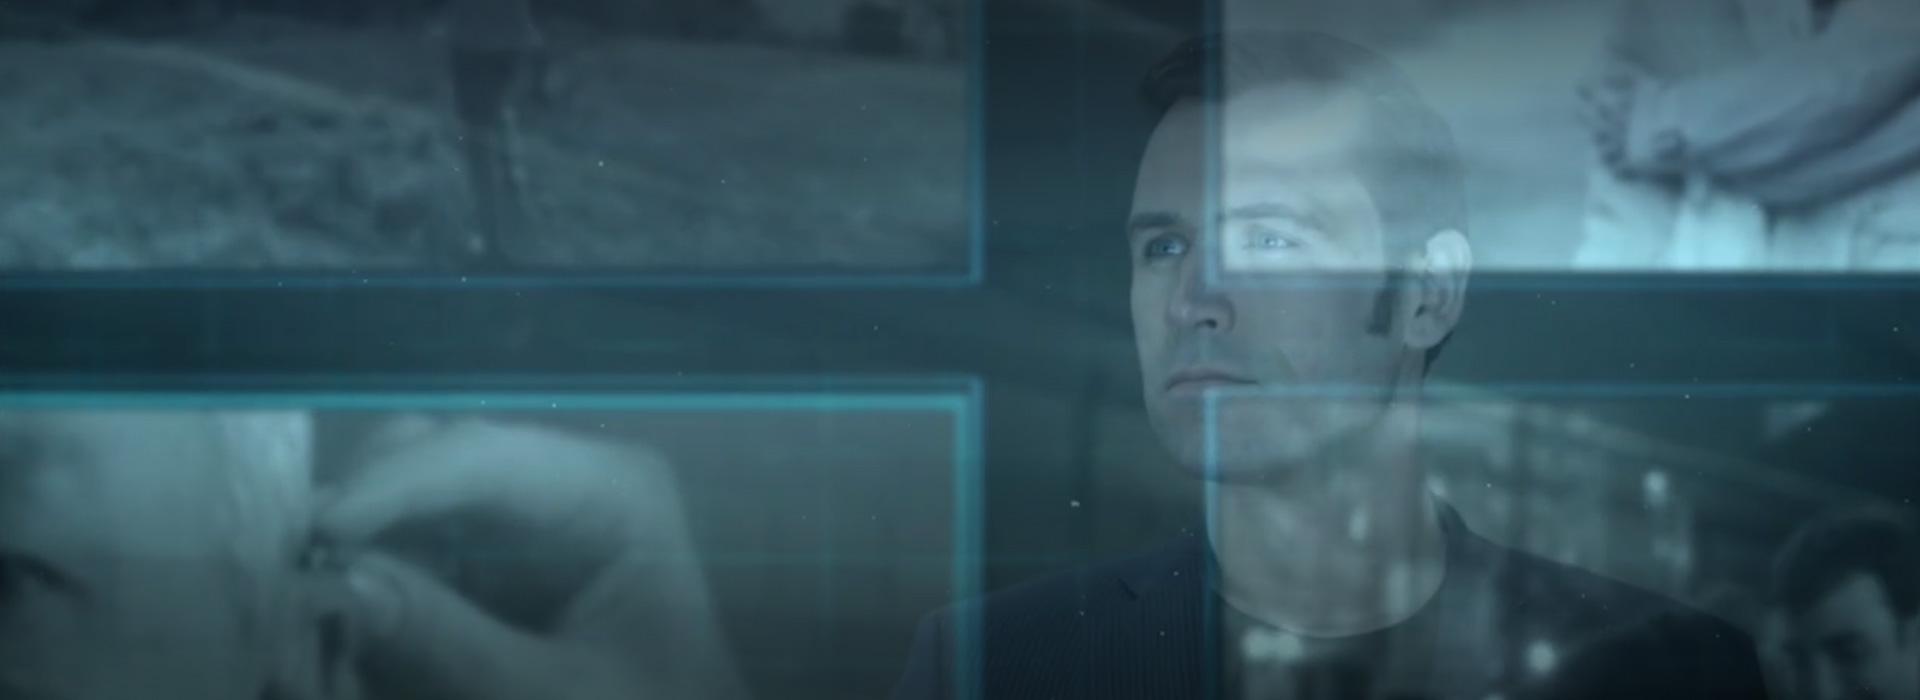 tête d'homme en transparence derrière écrans